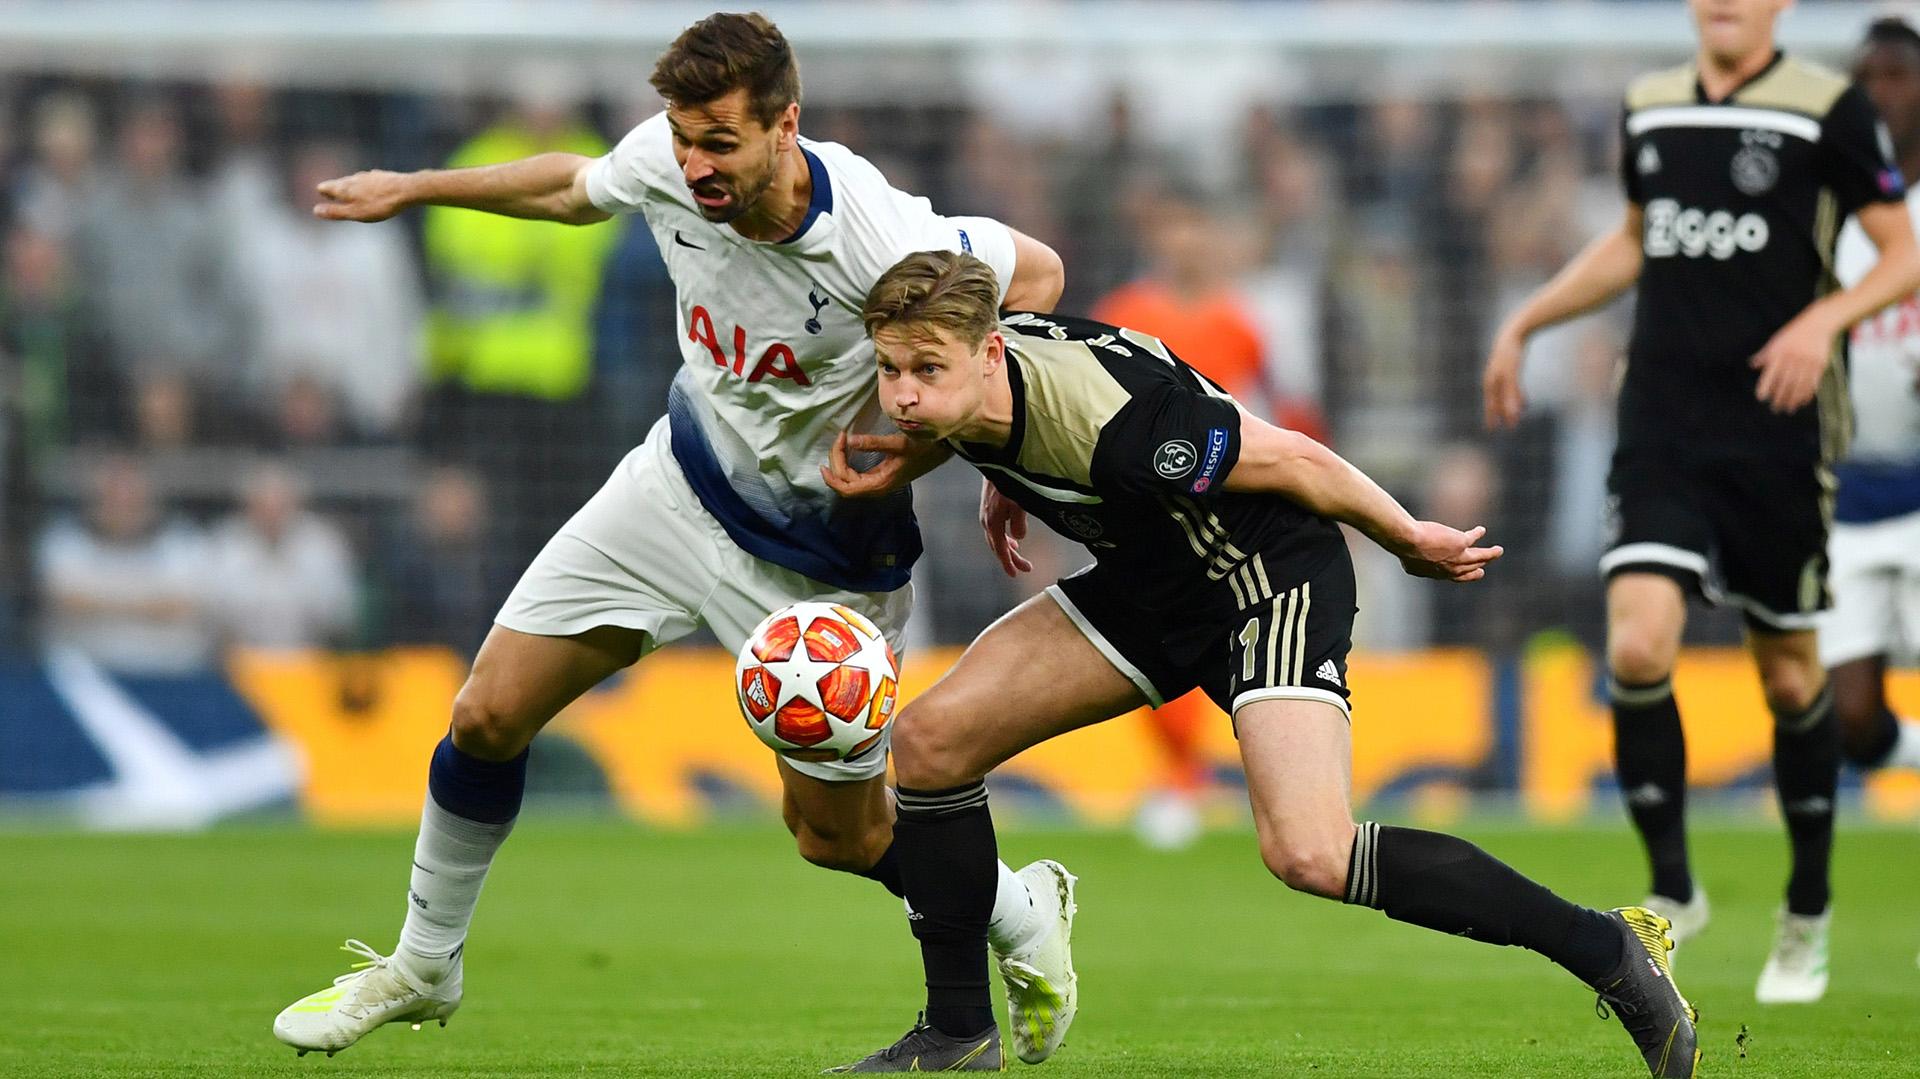 En Londres, el Ajax se quedó con el triunfo por 1-0 y corre con ventaja en la semifinal frente al Tottenham (REUTERS/Dylan Martinez)